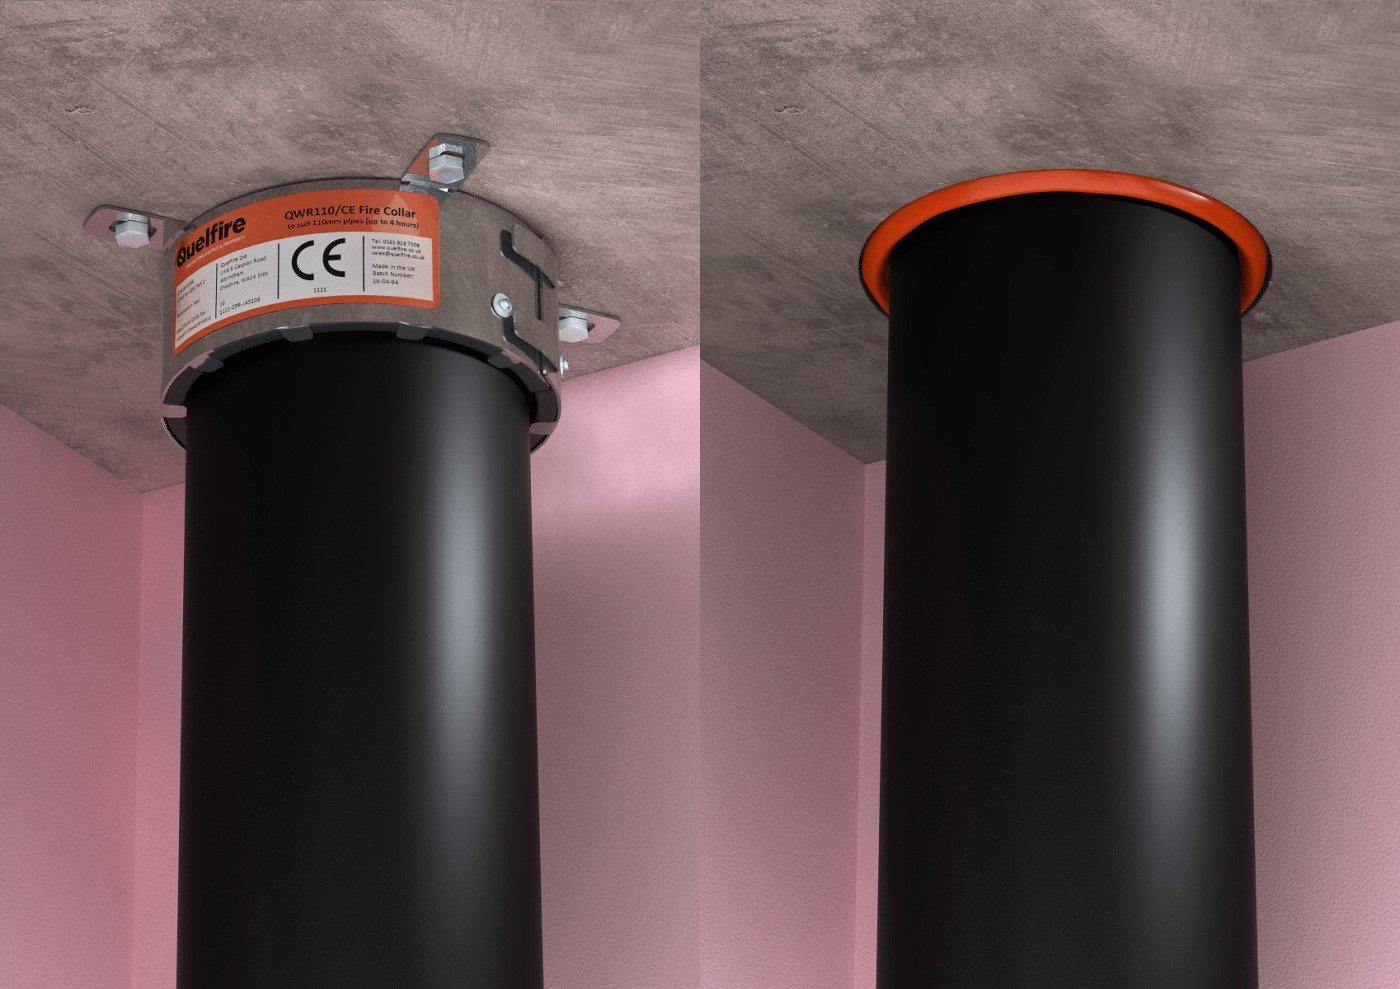 Wall pipe penetration leak goes